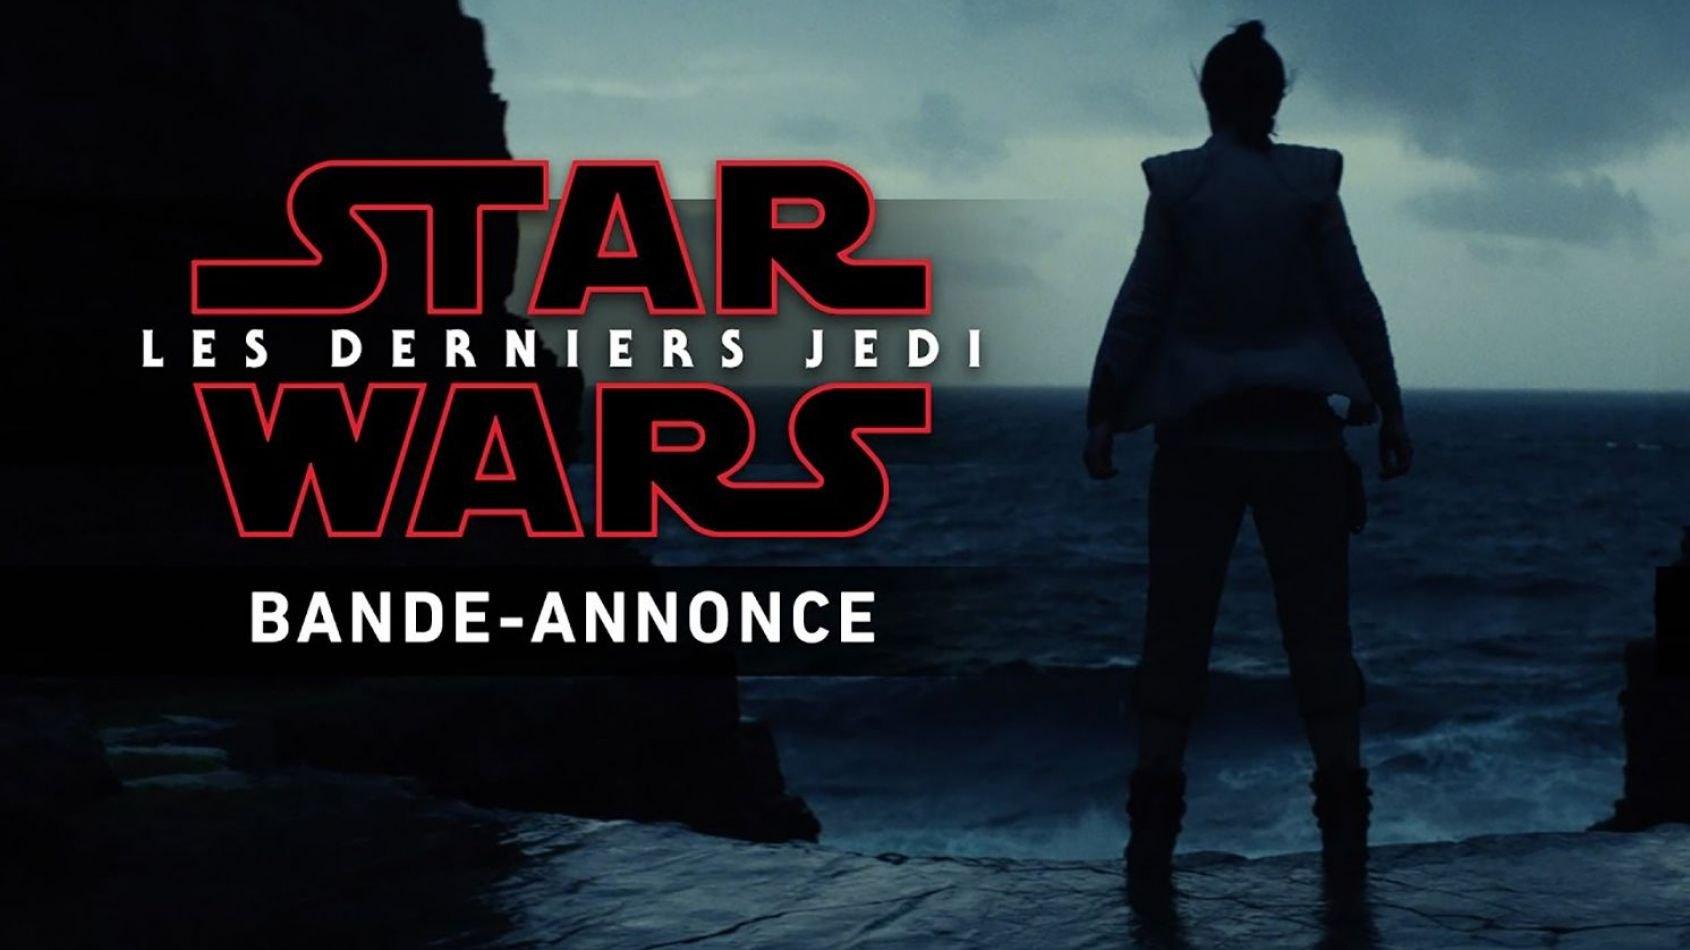 Une date de sortie pour le prochain trailer des Derniers Jedi ?